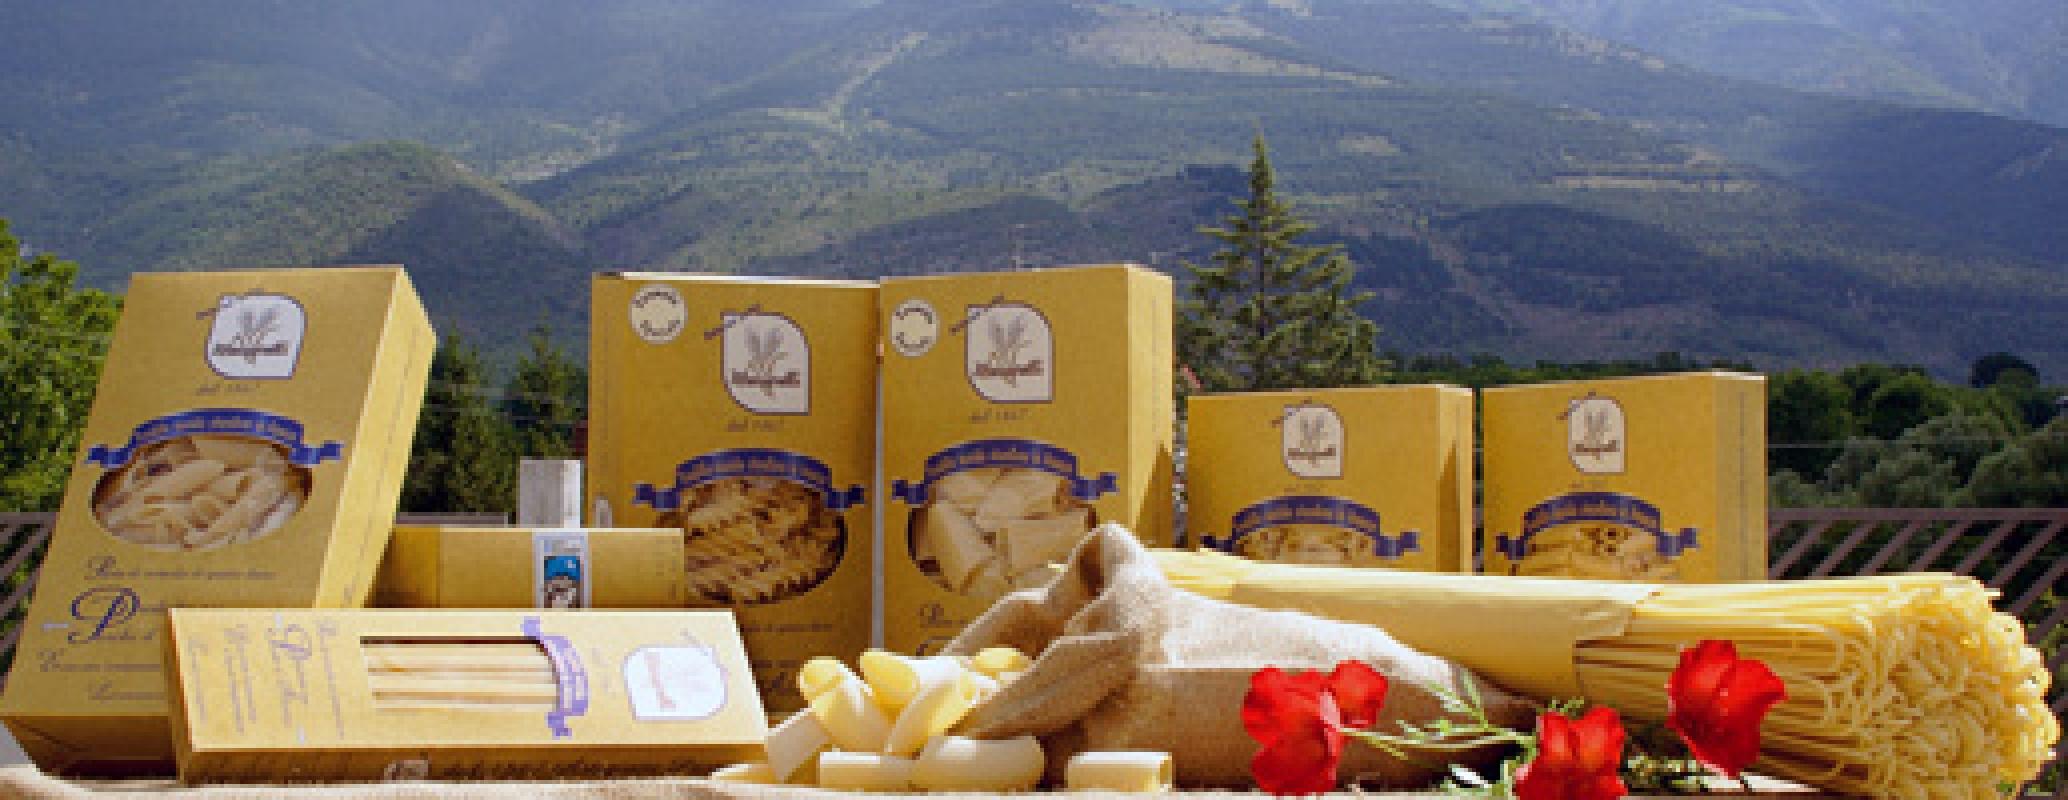 La fábrica de pasta Masciarelli, orgullo Teatino-aquilano